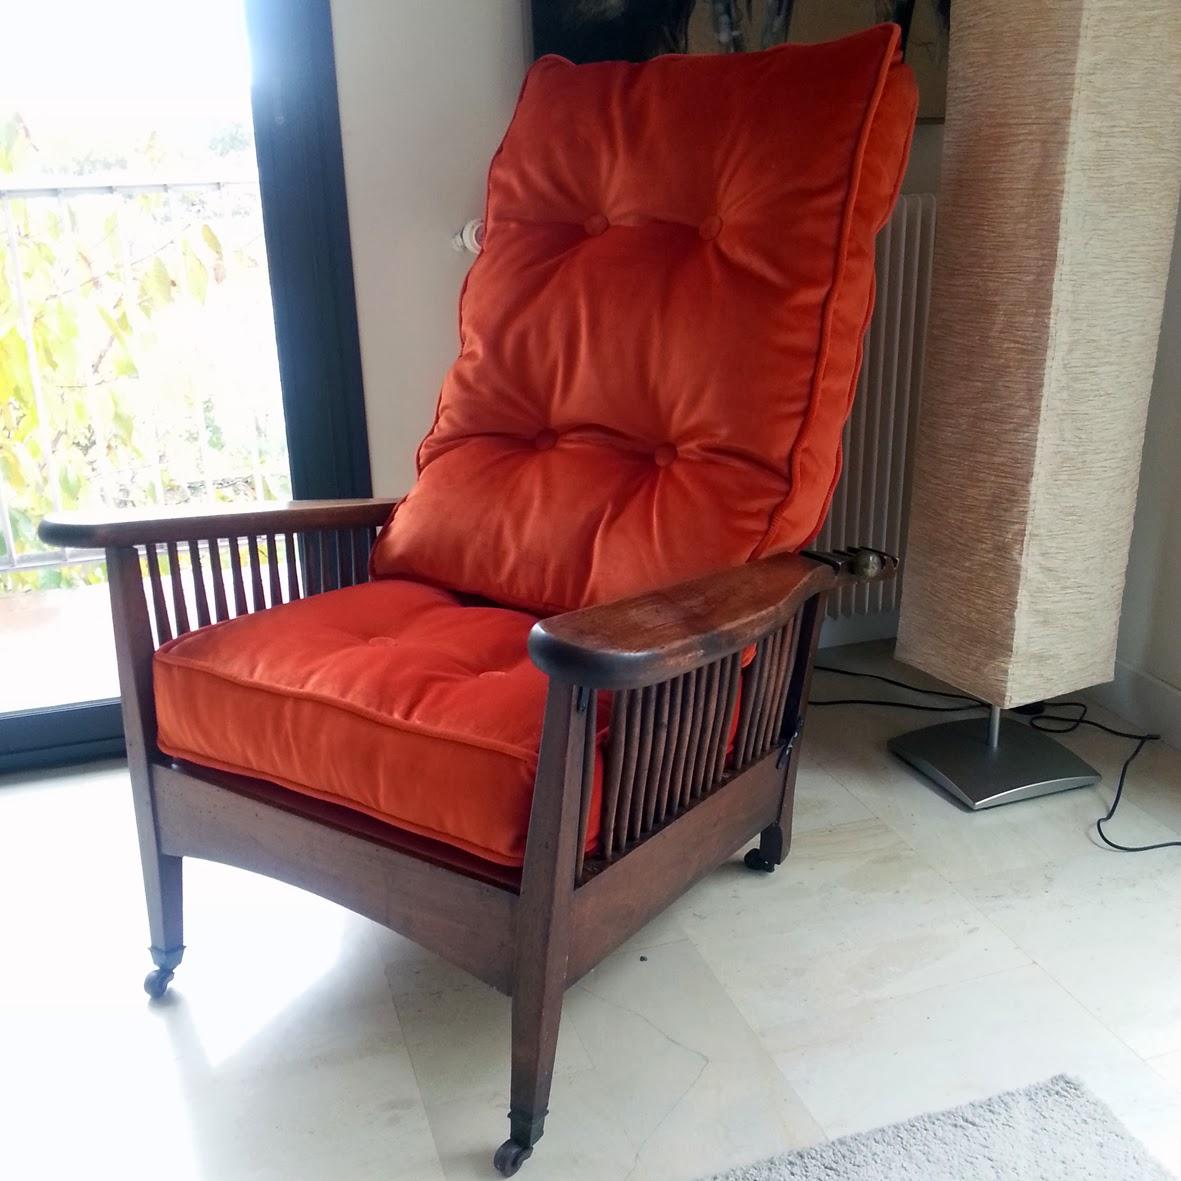 avant apr s fauteuil anglais 19e atelier velvet artisan tapissier paris 10e. Black Bedroom Furniture Sets. Home Design Ideas